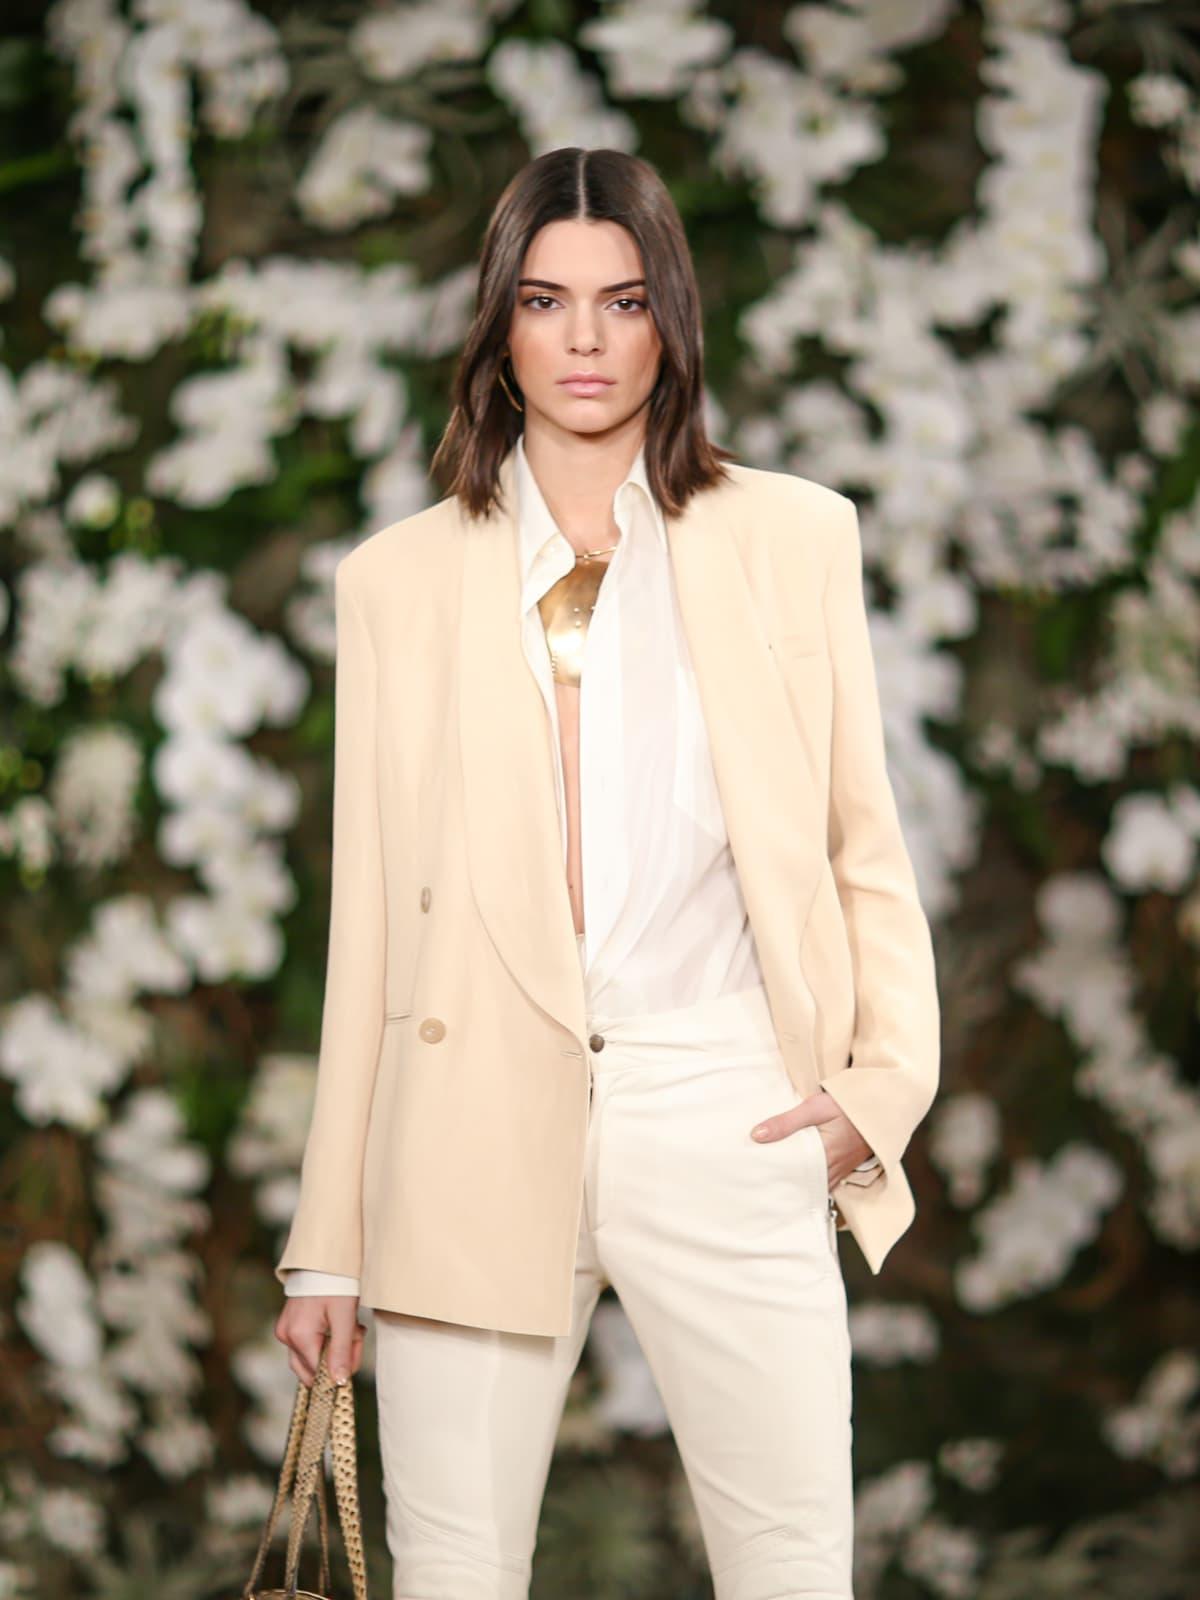 Kendall Jenner in Ralph Lauren fall 2017 runway show